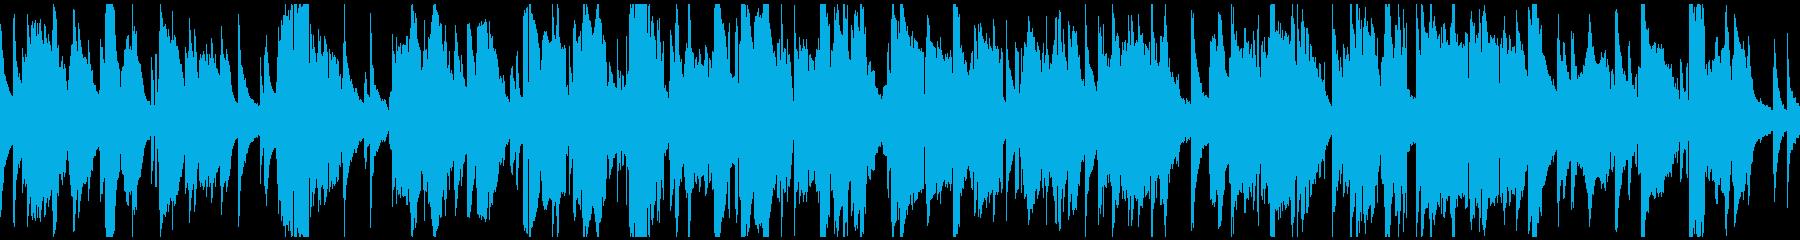 超ゆっくりしっとりジャズ ※ループ仕様版の再生済みの波形